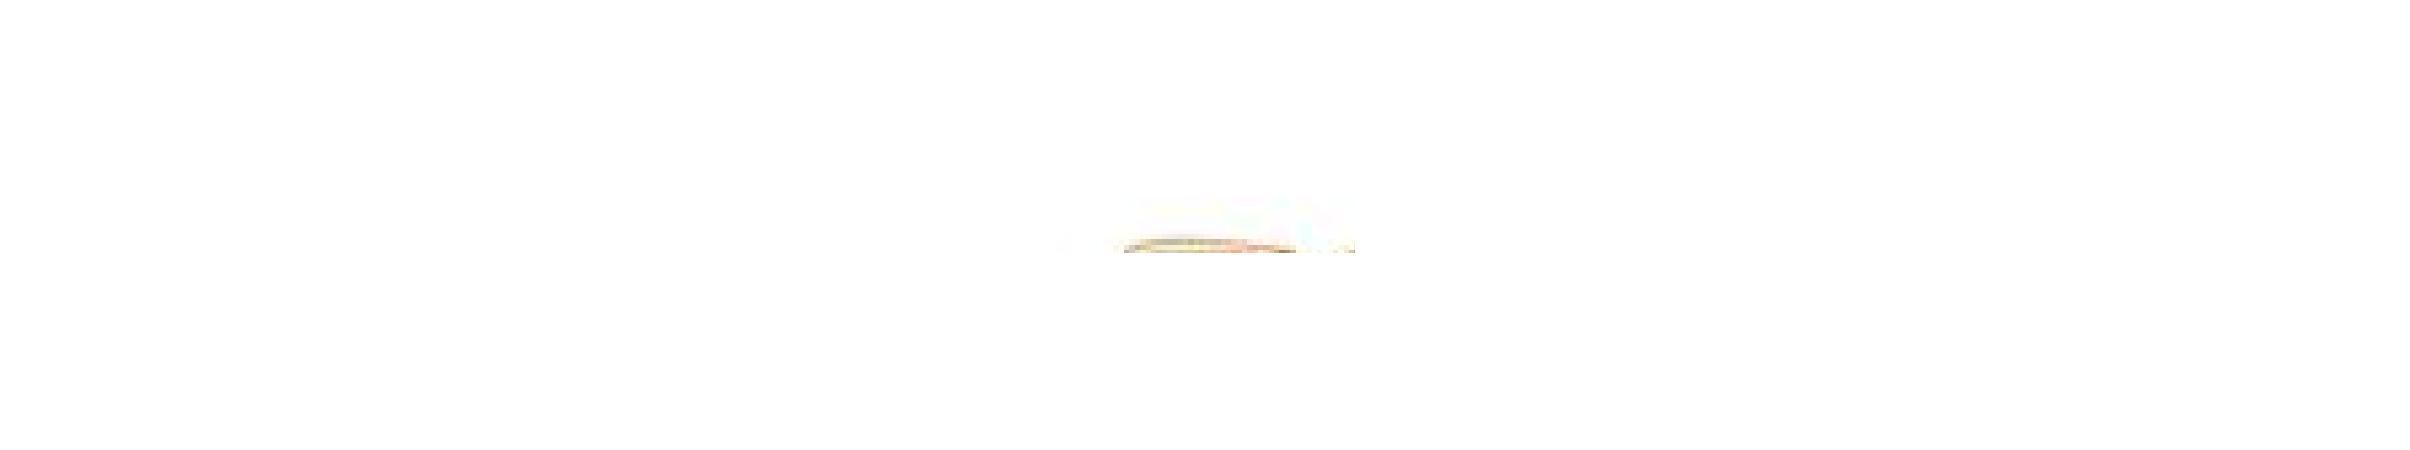 Dezzie ВИА Ошейник Диагональ розового цвета для кошек 1*28см (5609387), 0,02 кг, 23116